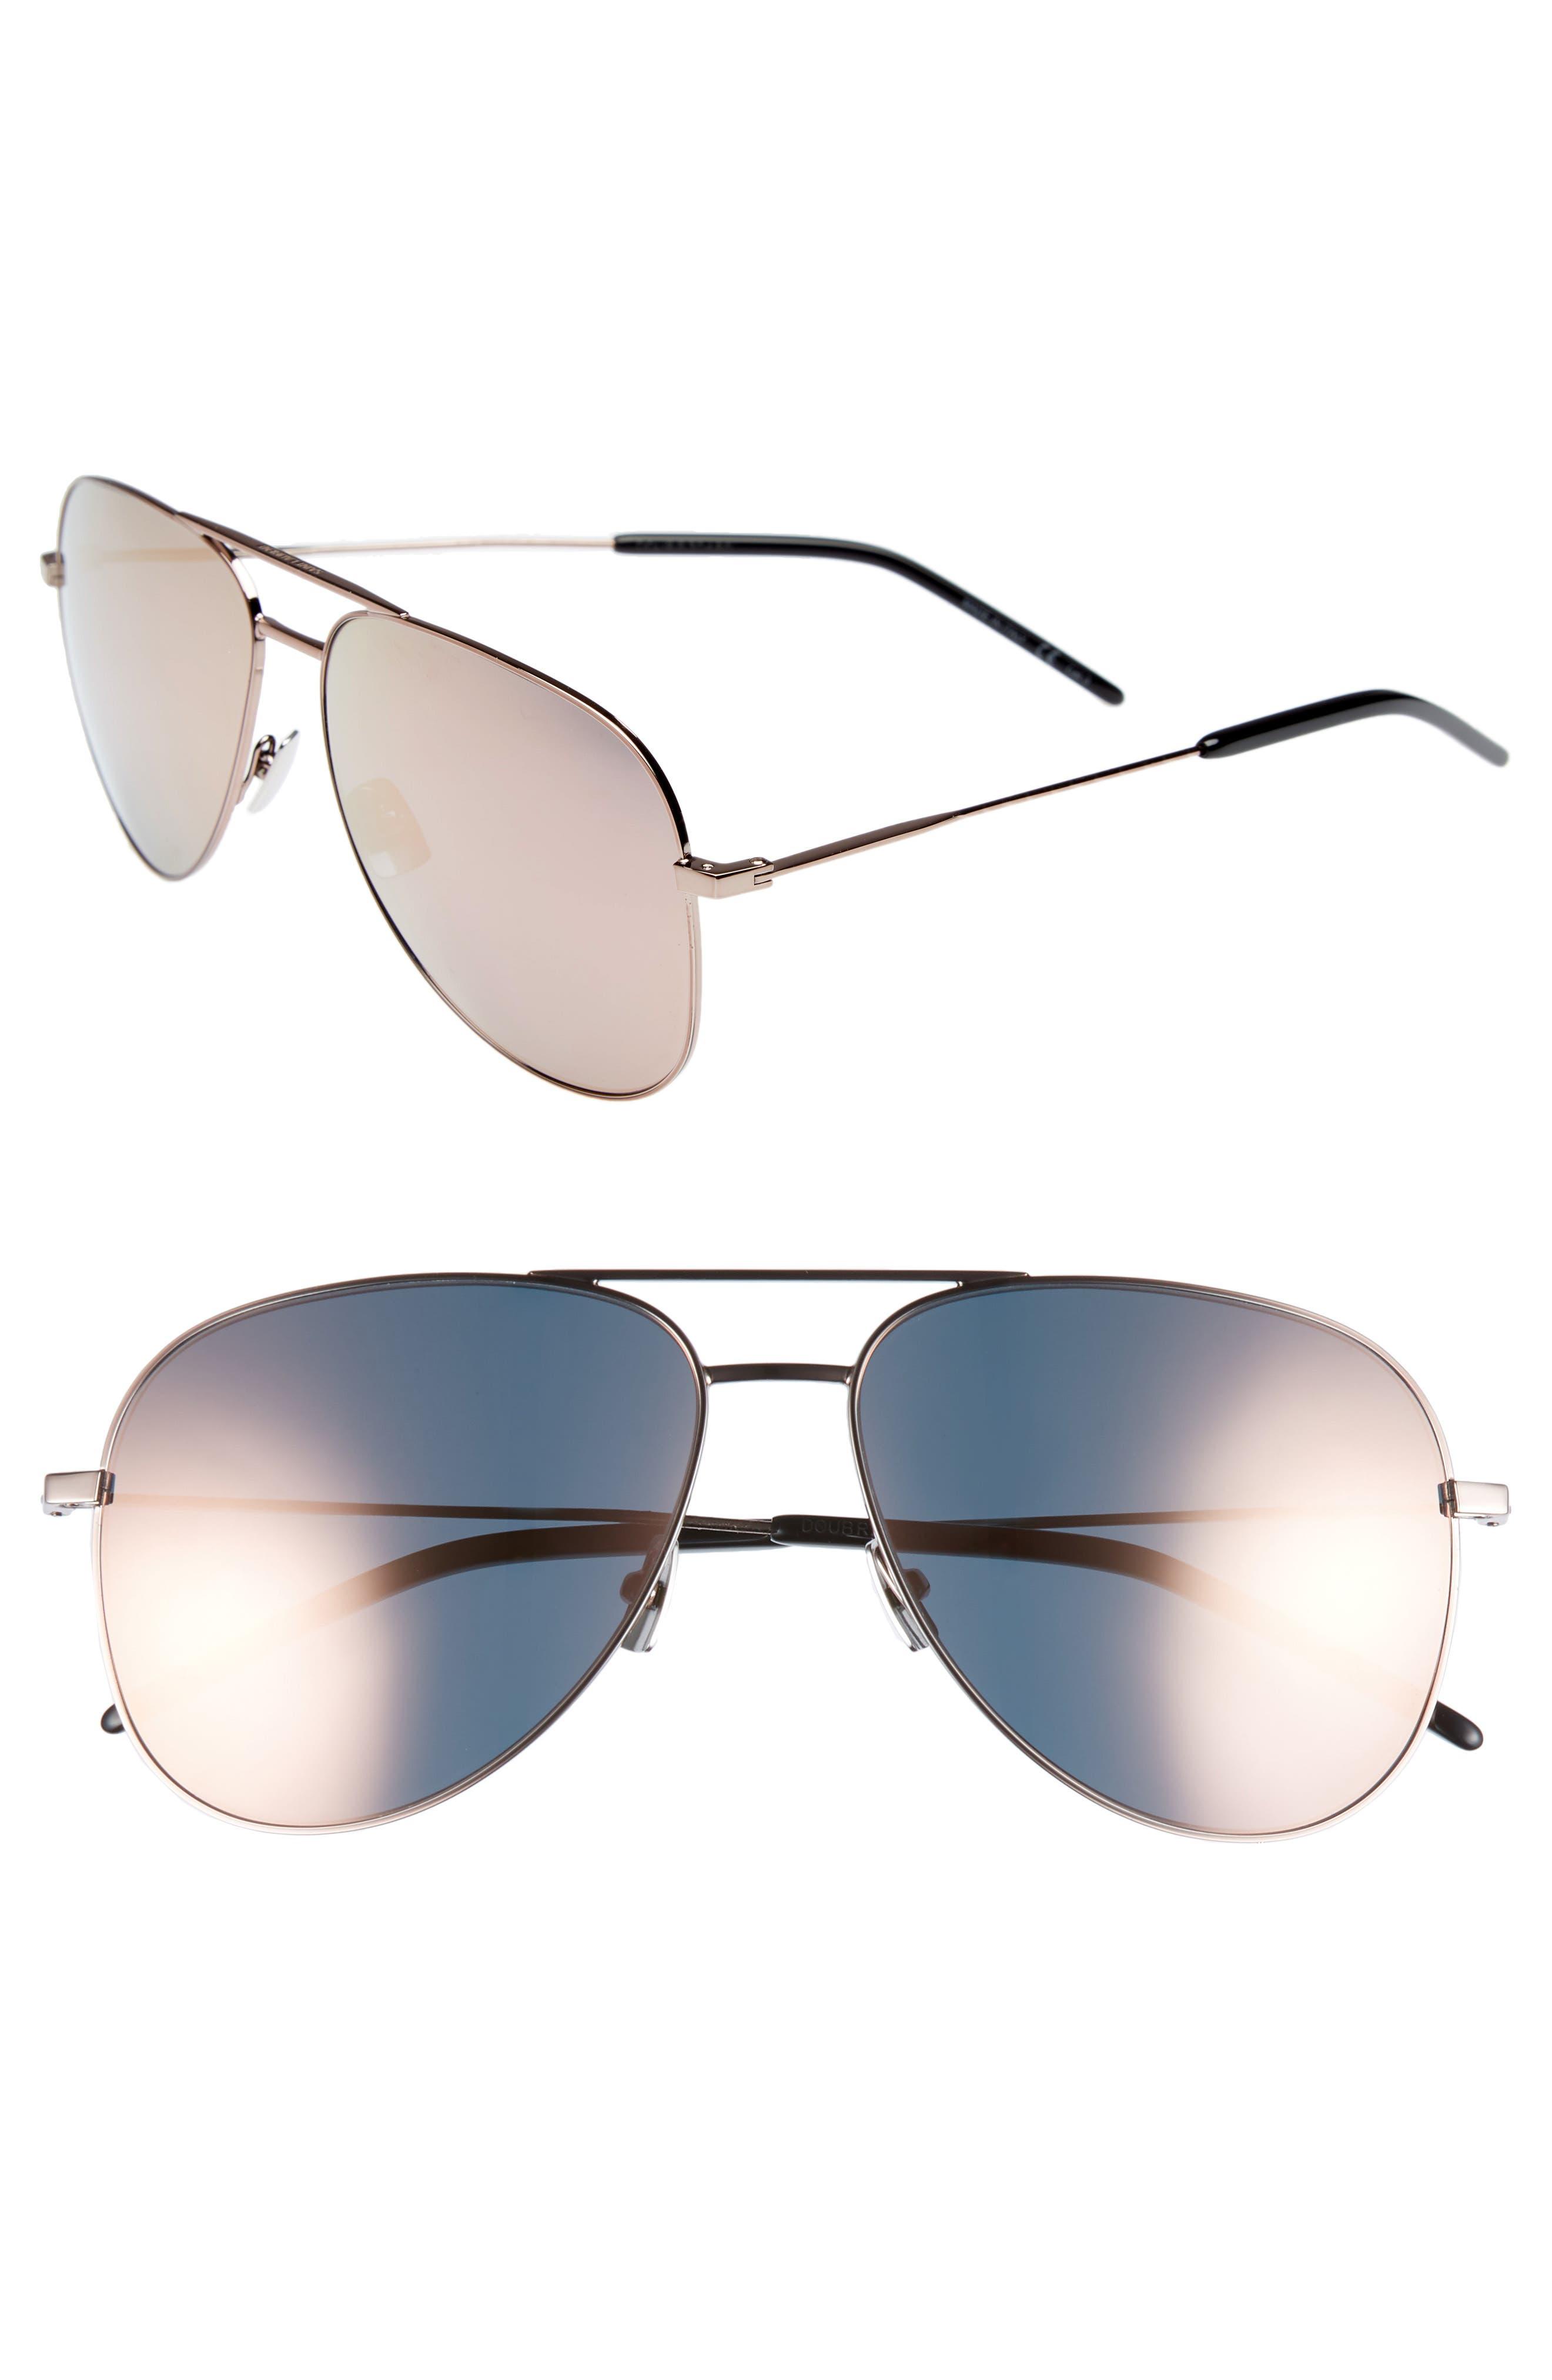 59mm Brow Bar Aviator Sunglasses,                         Main,                         color, 250